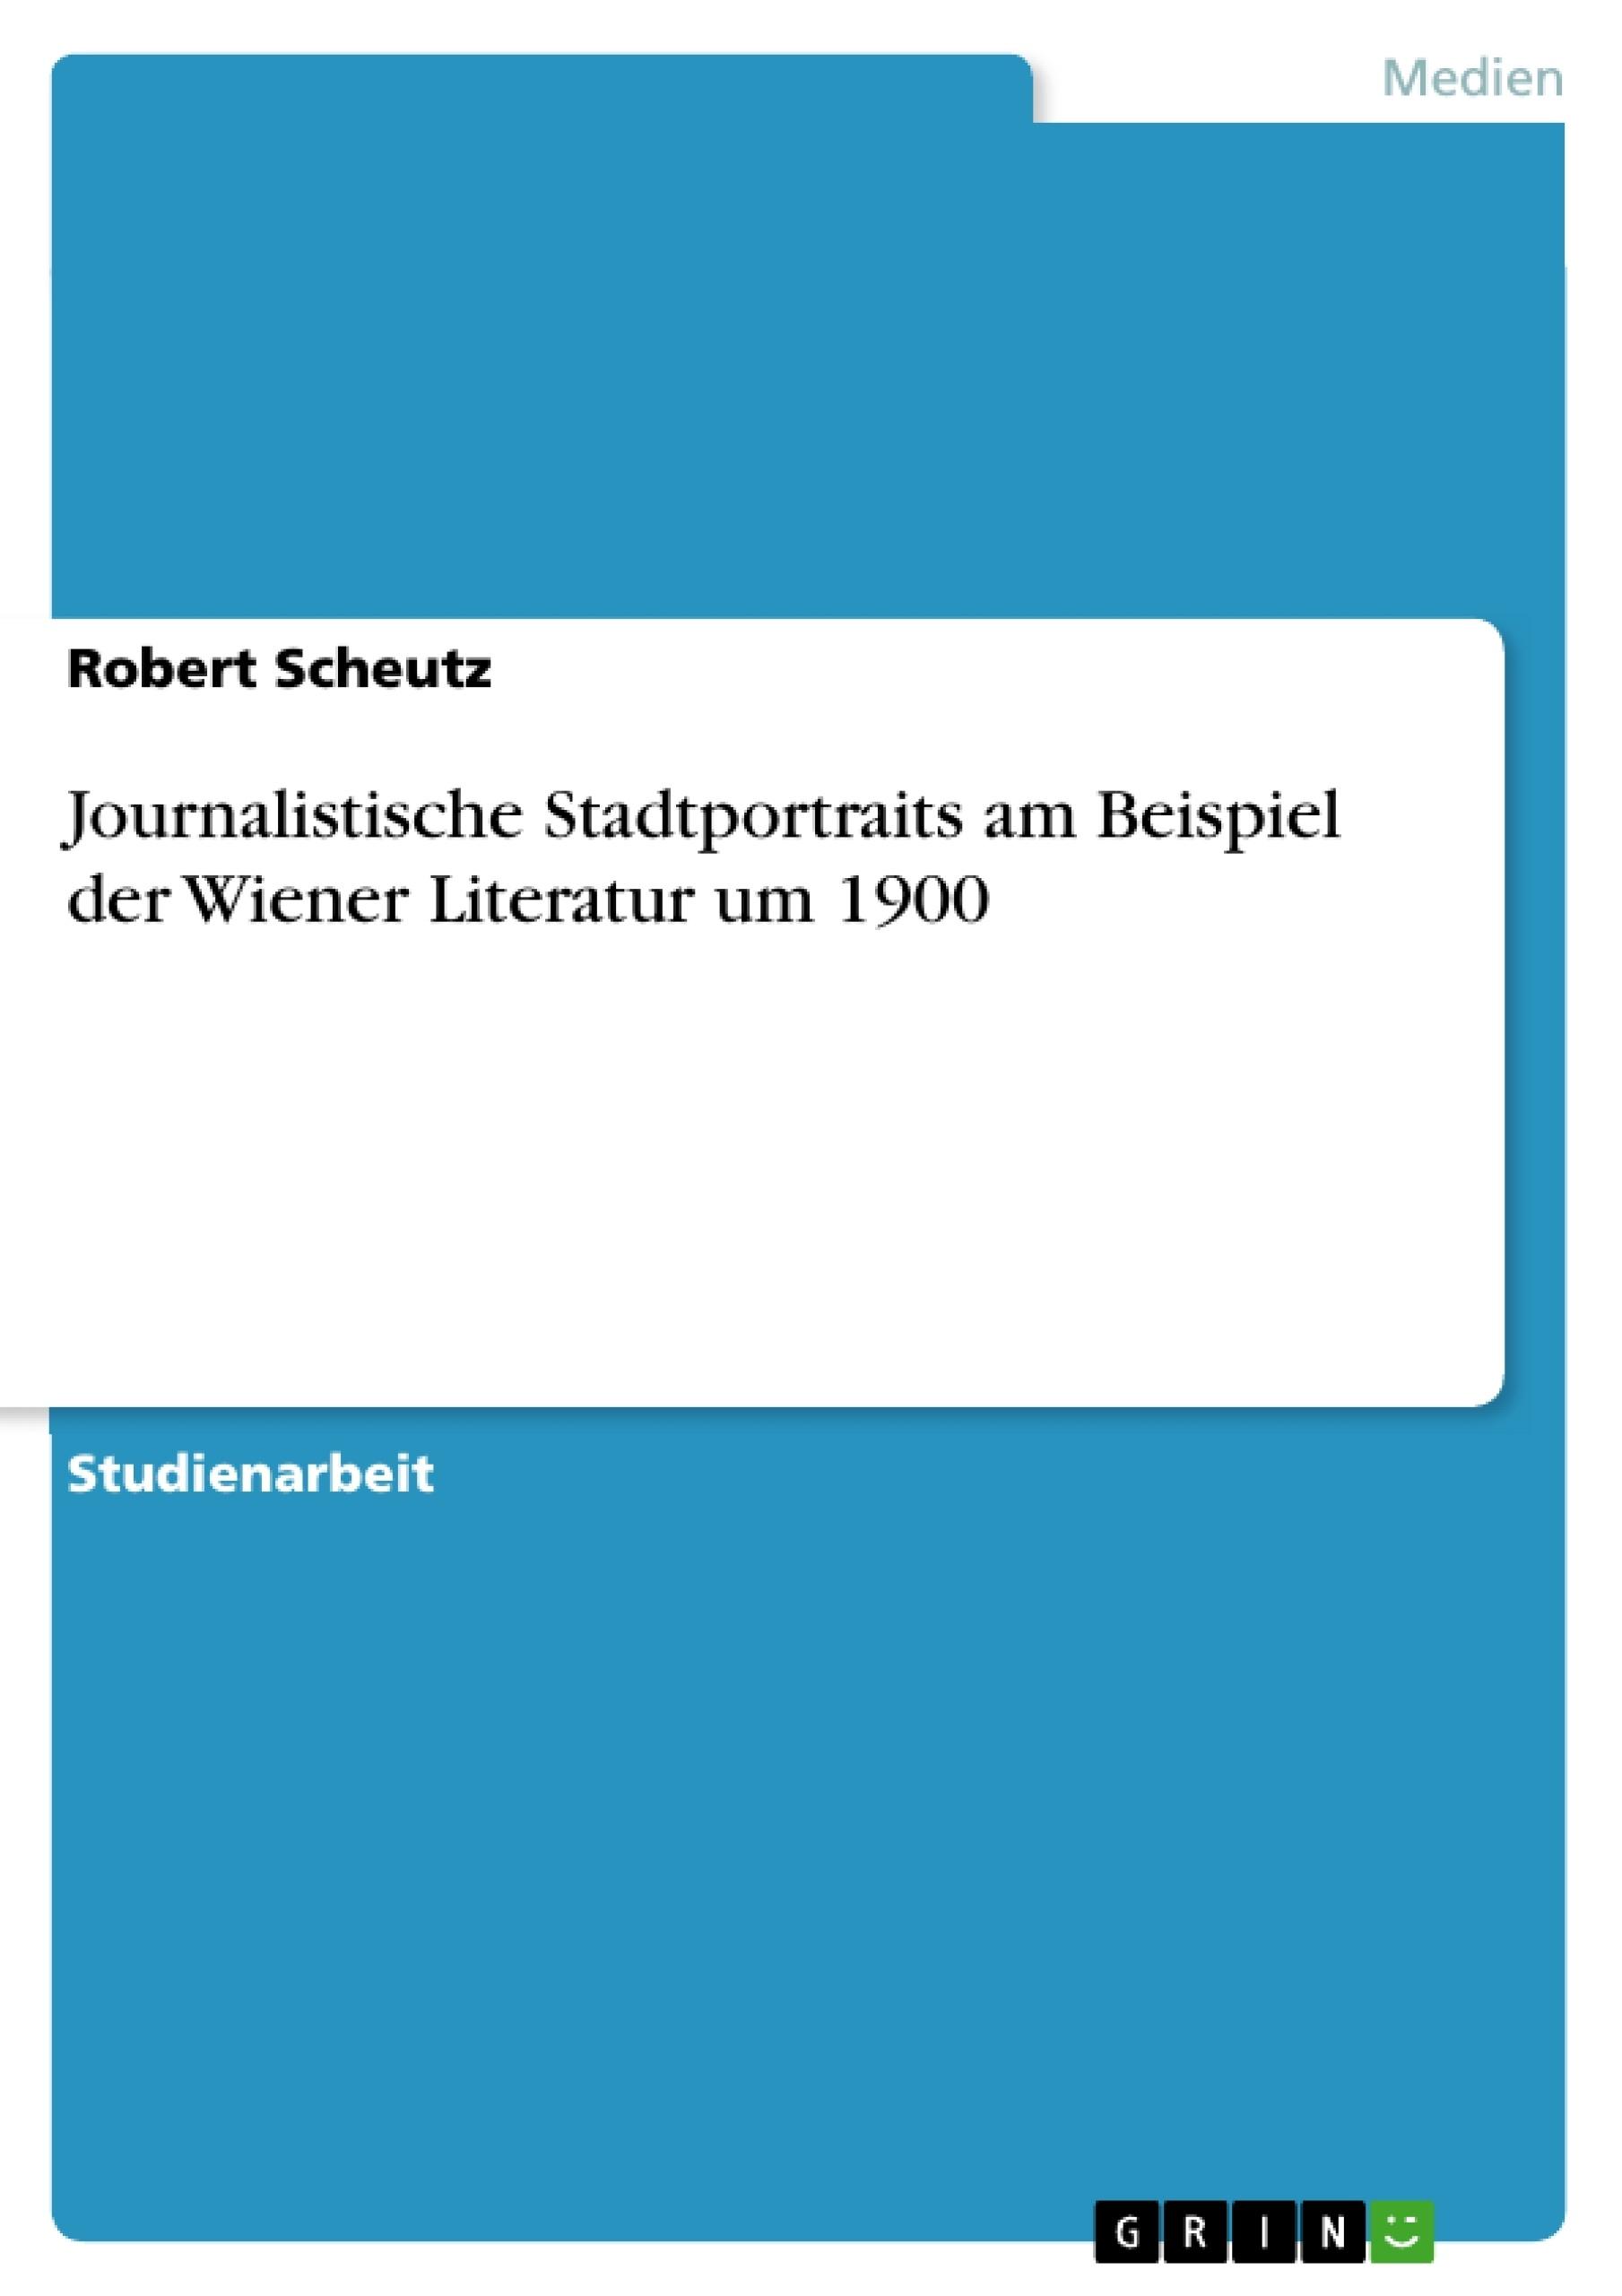 Titel: Journalistische Stadtportraits am Beispiel der Wiener Literatur um 1900